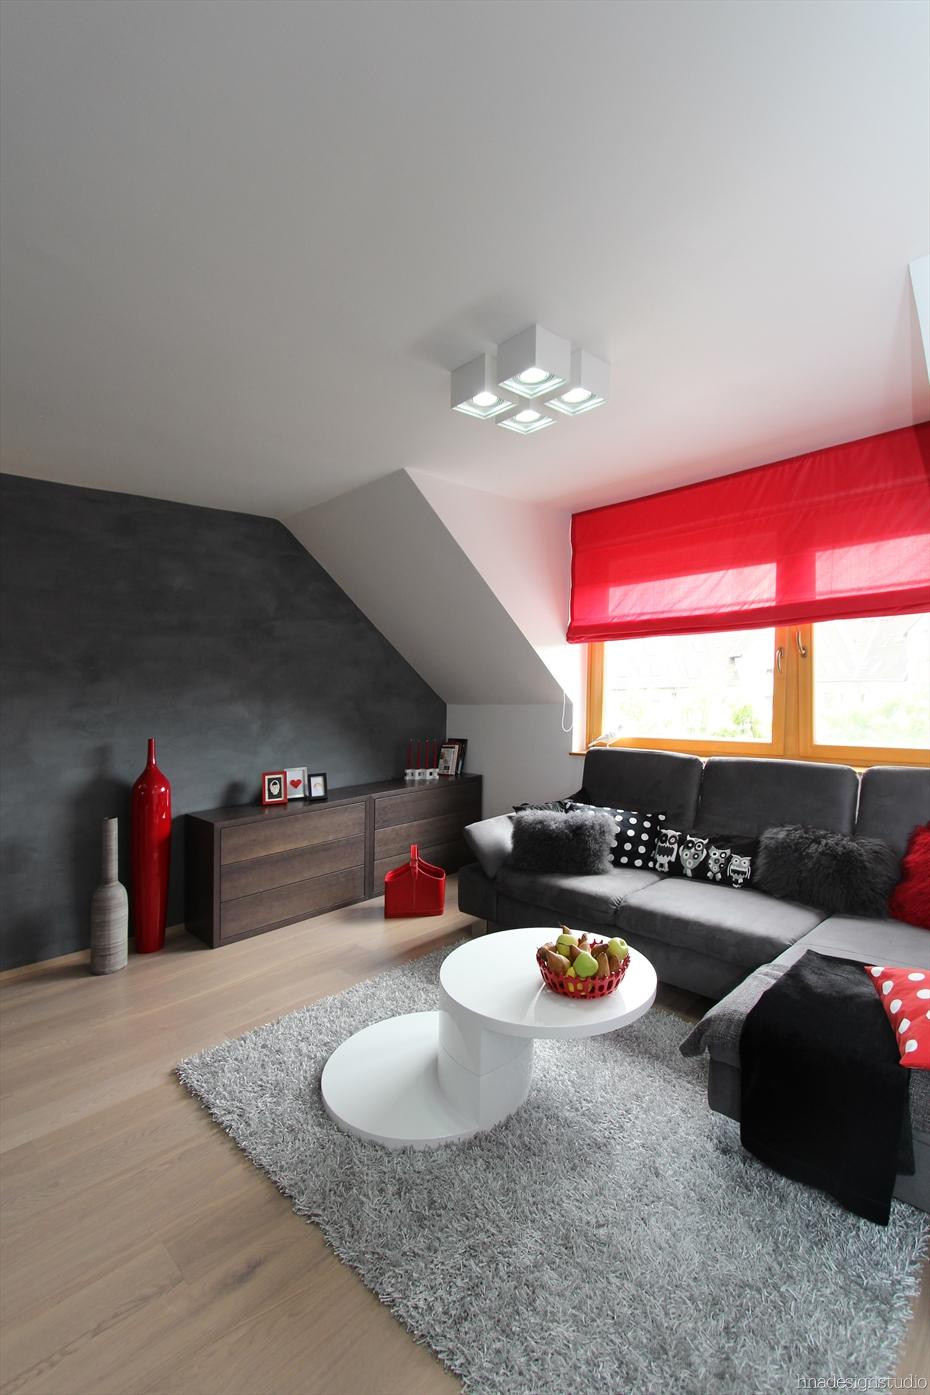 hna design piros 2